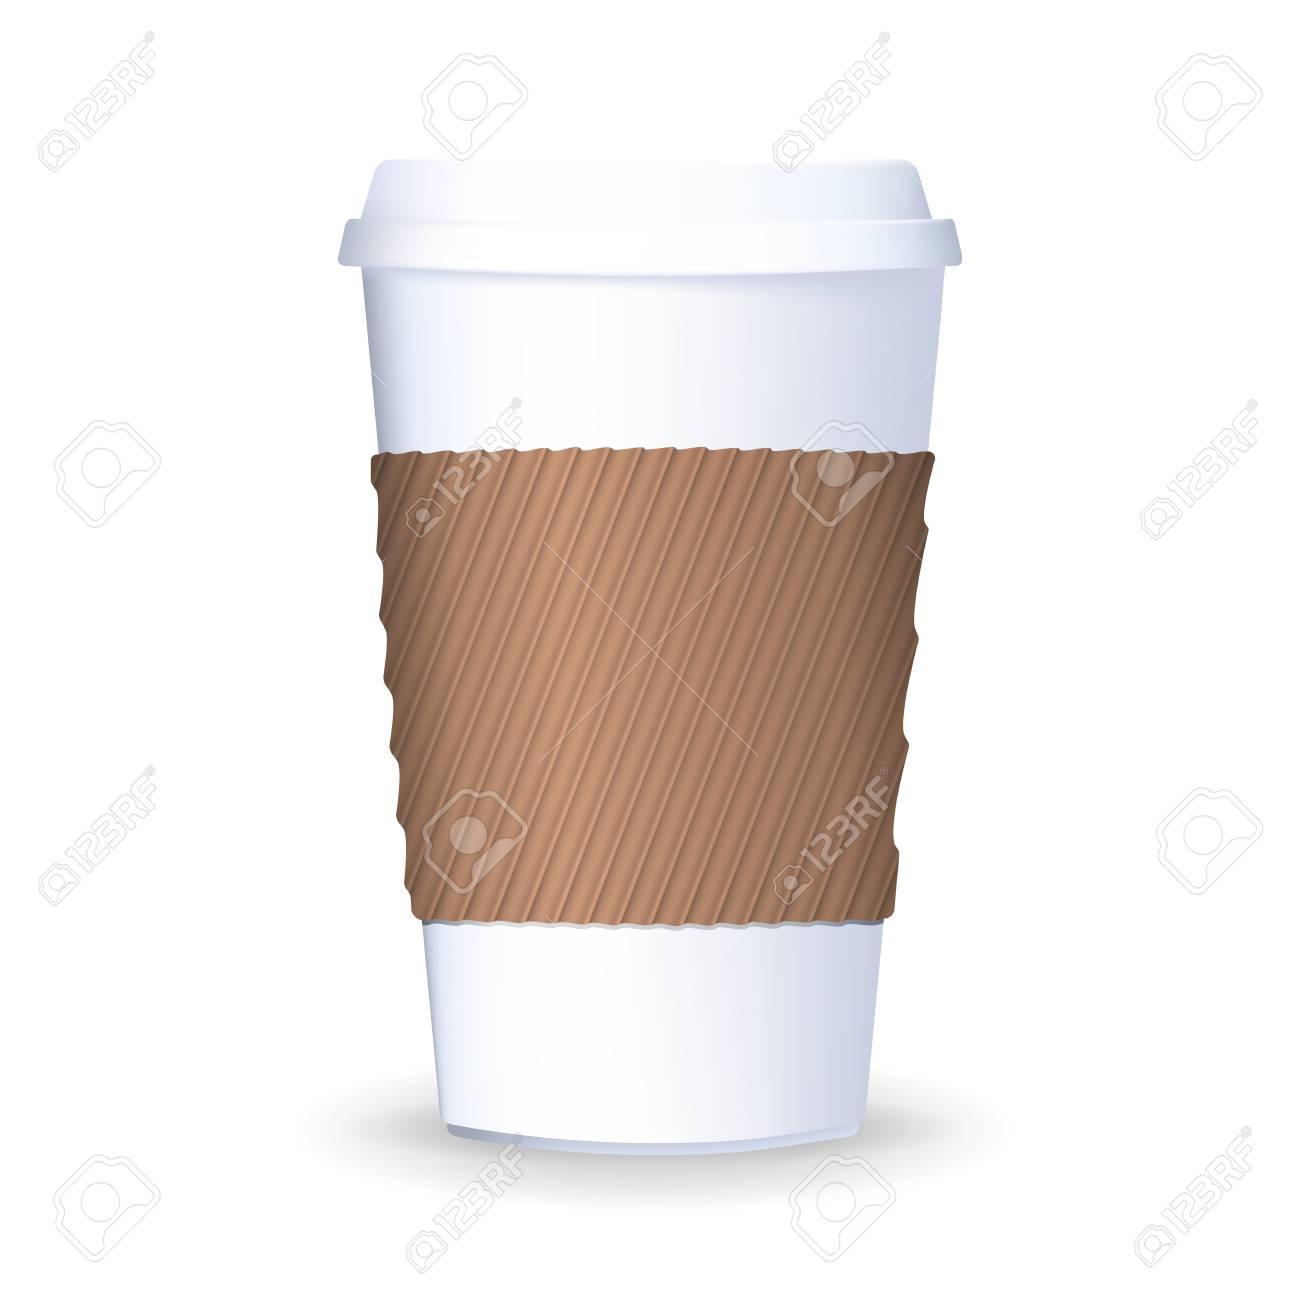 Um Papier Kaffeetasse Mit Deckel Und Schützenden Ripple Ärmel Zu ...